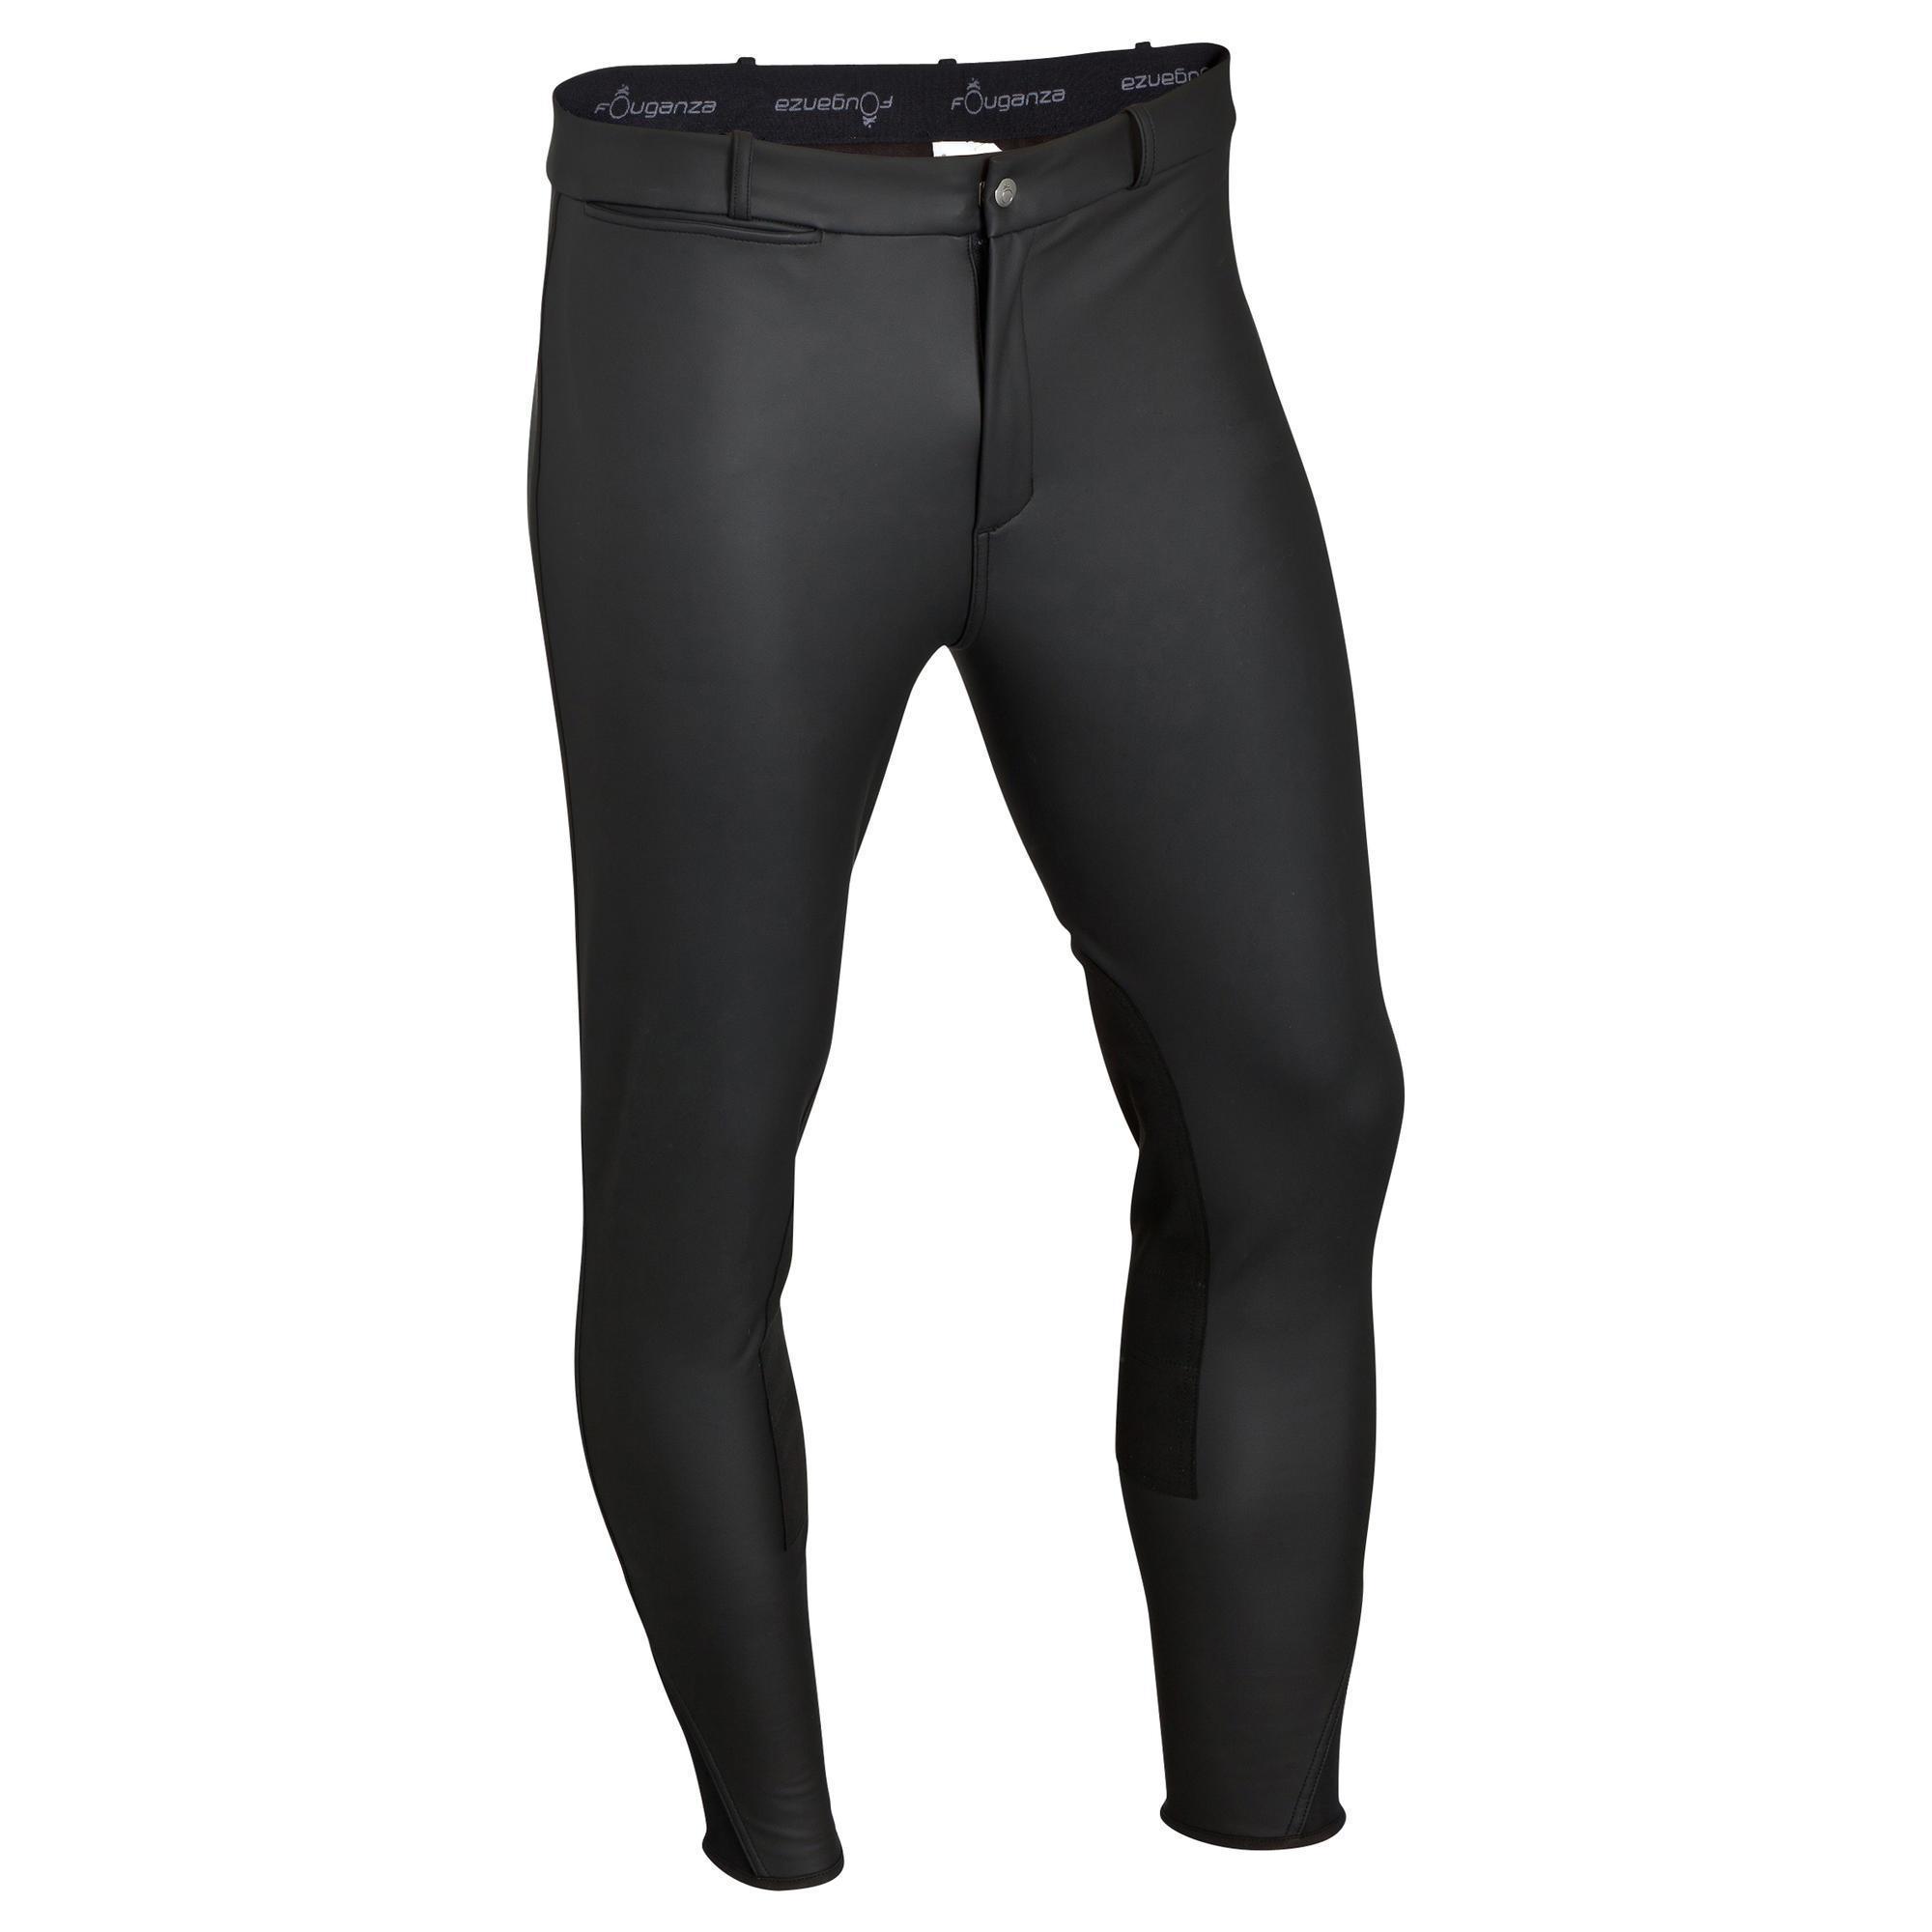 pantalon chaud et imperm able quitation homme kipwarm noir fouganza. Black Bedroom Furniture Sets. Home Design Ideas